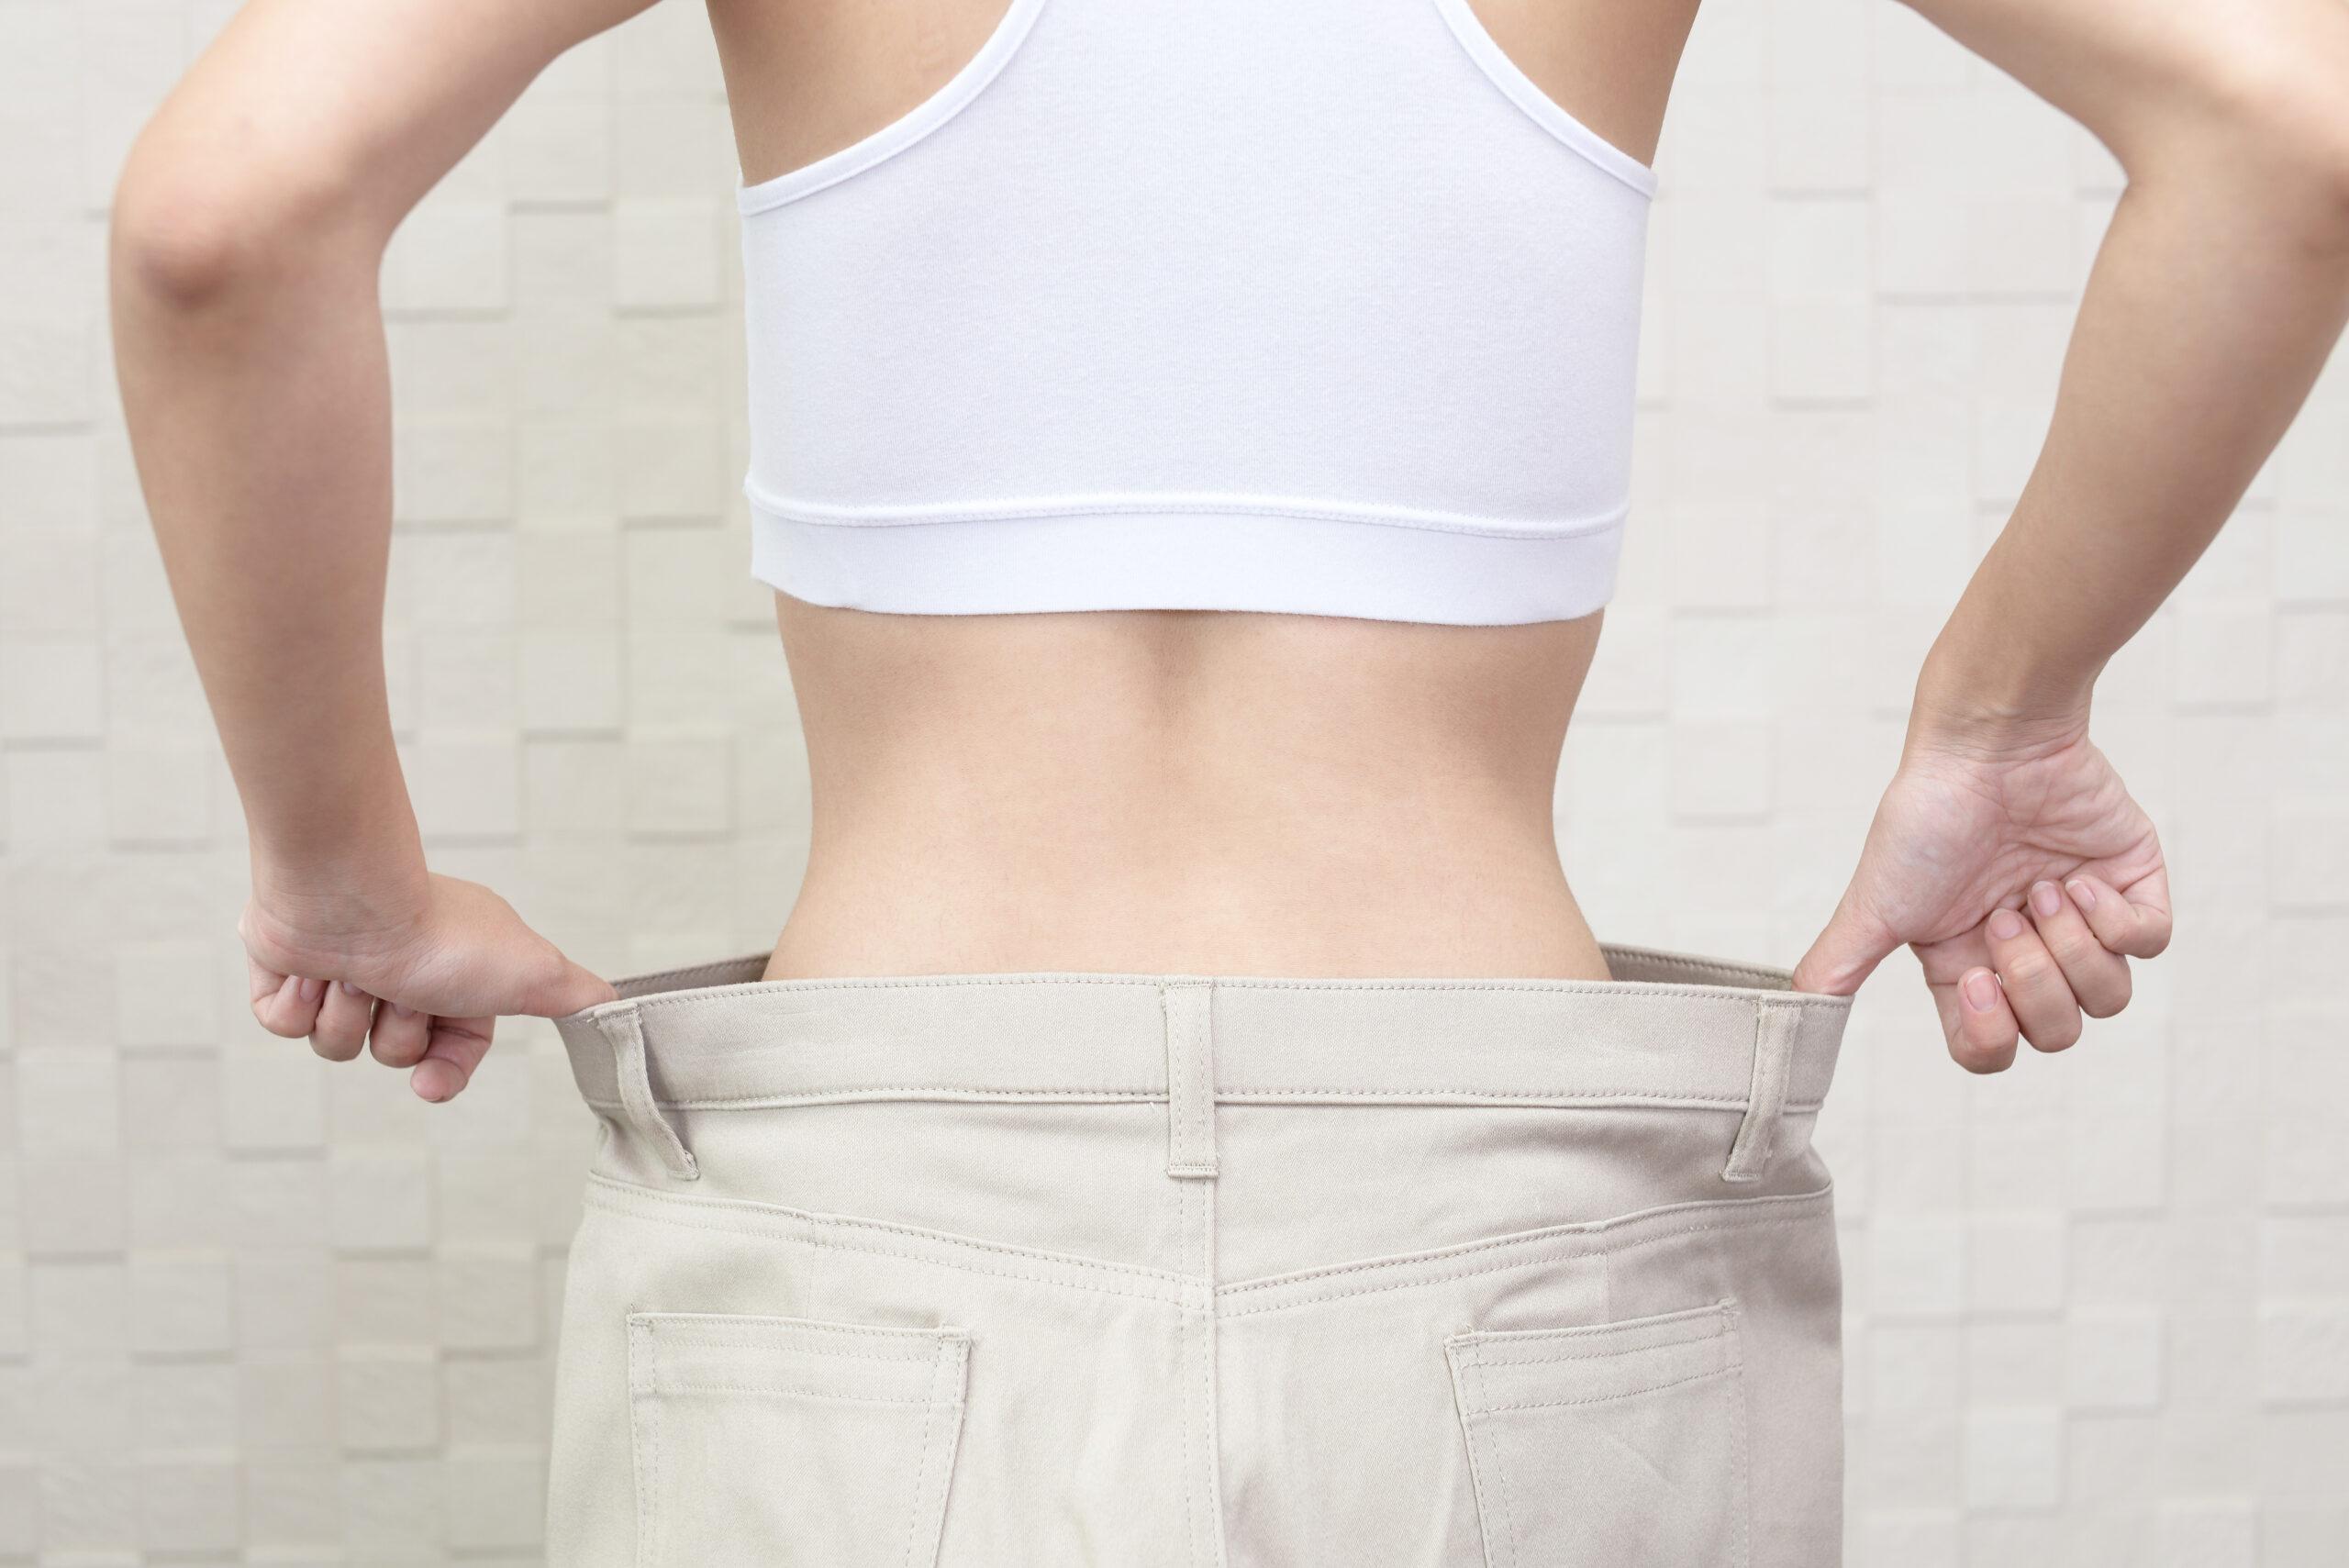 1日の摂取カロリーは、1200kcal以下にならないように!